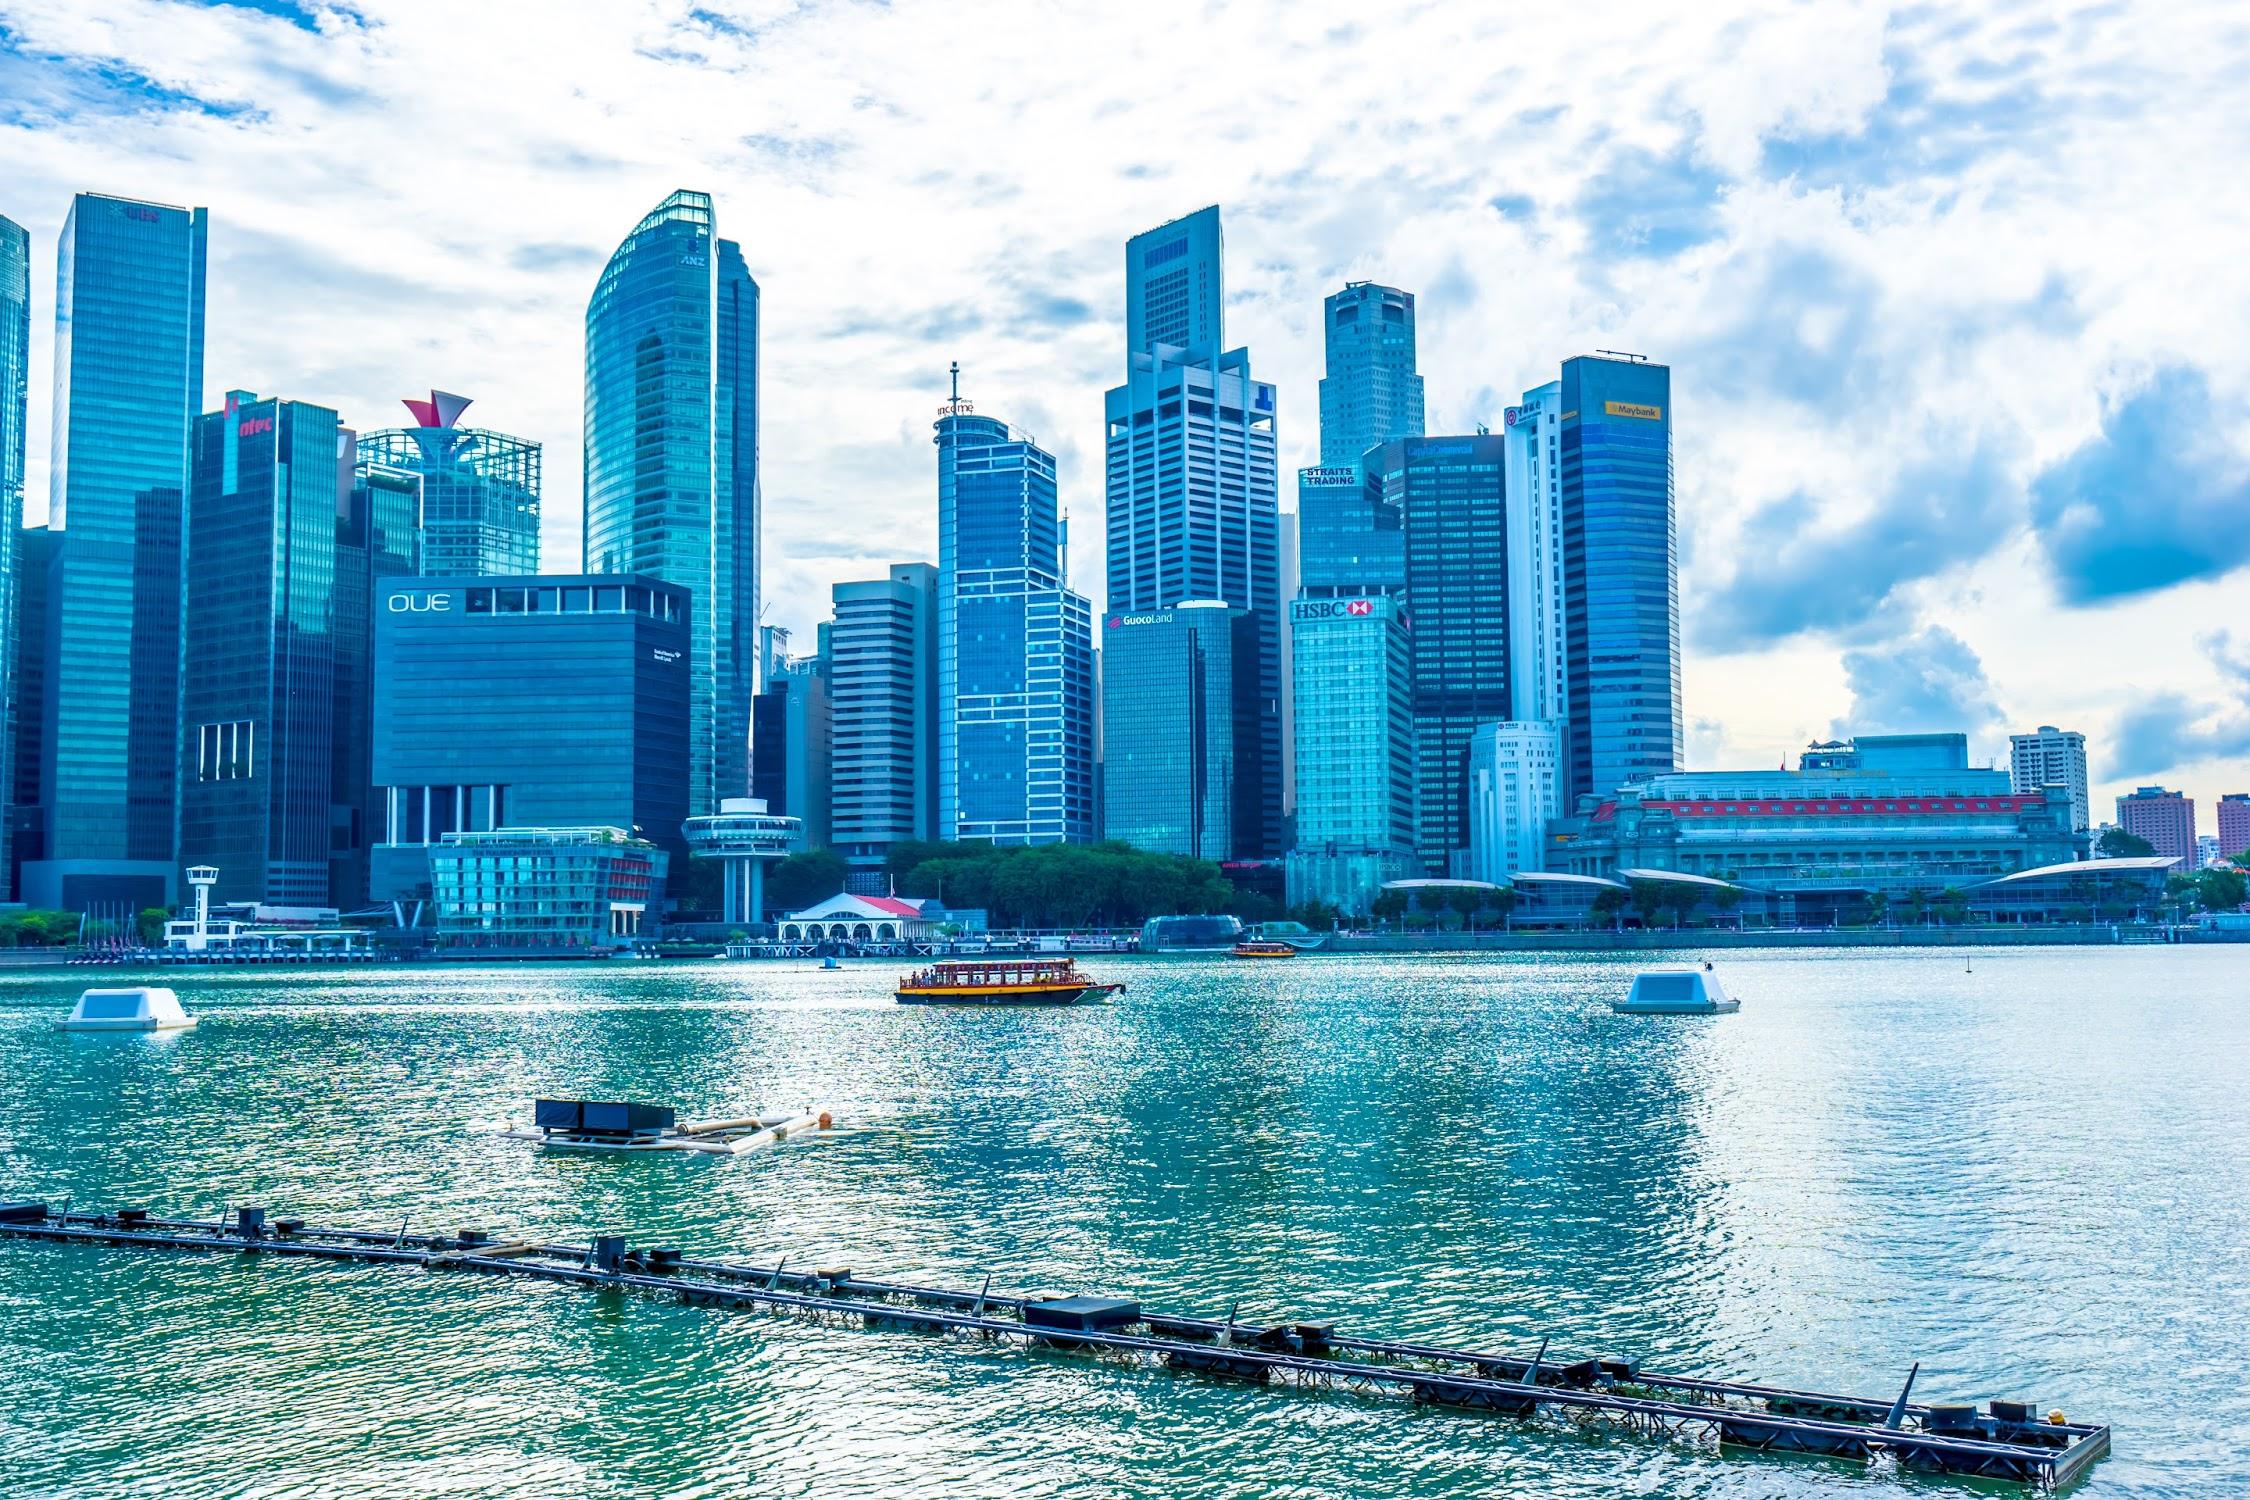 シンガポール マリーナ・ベイ1